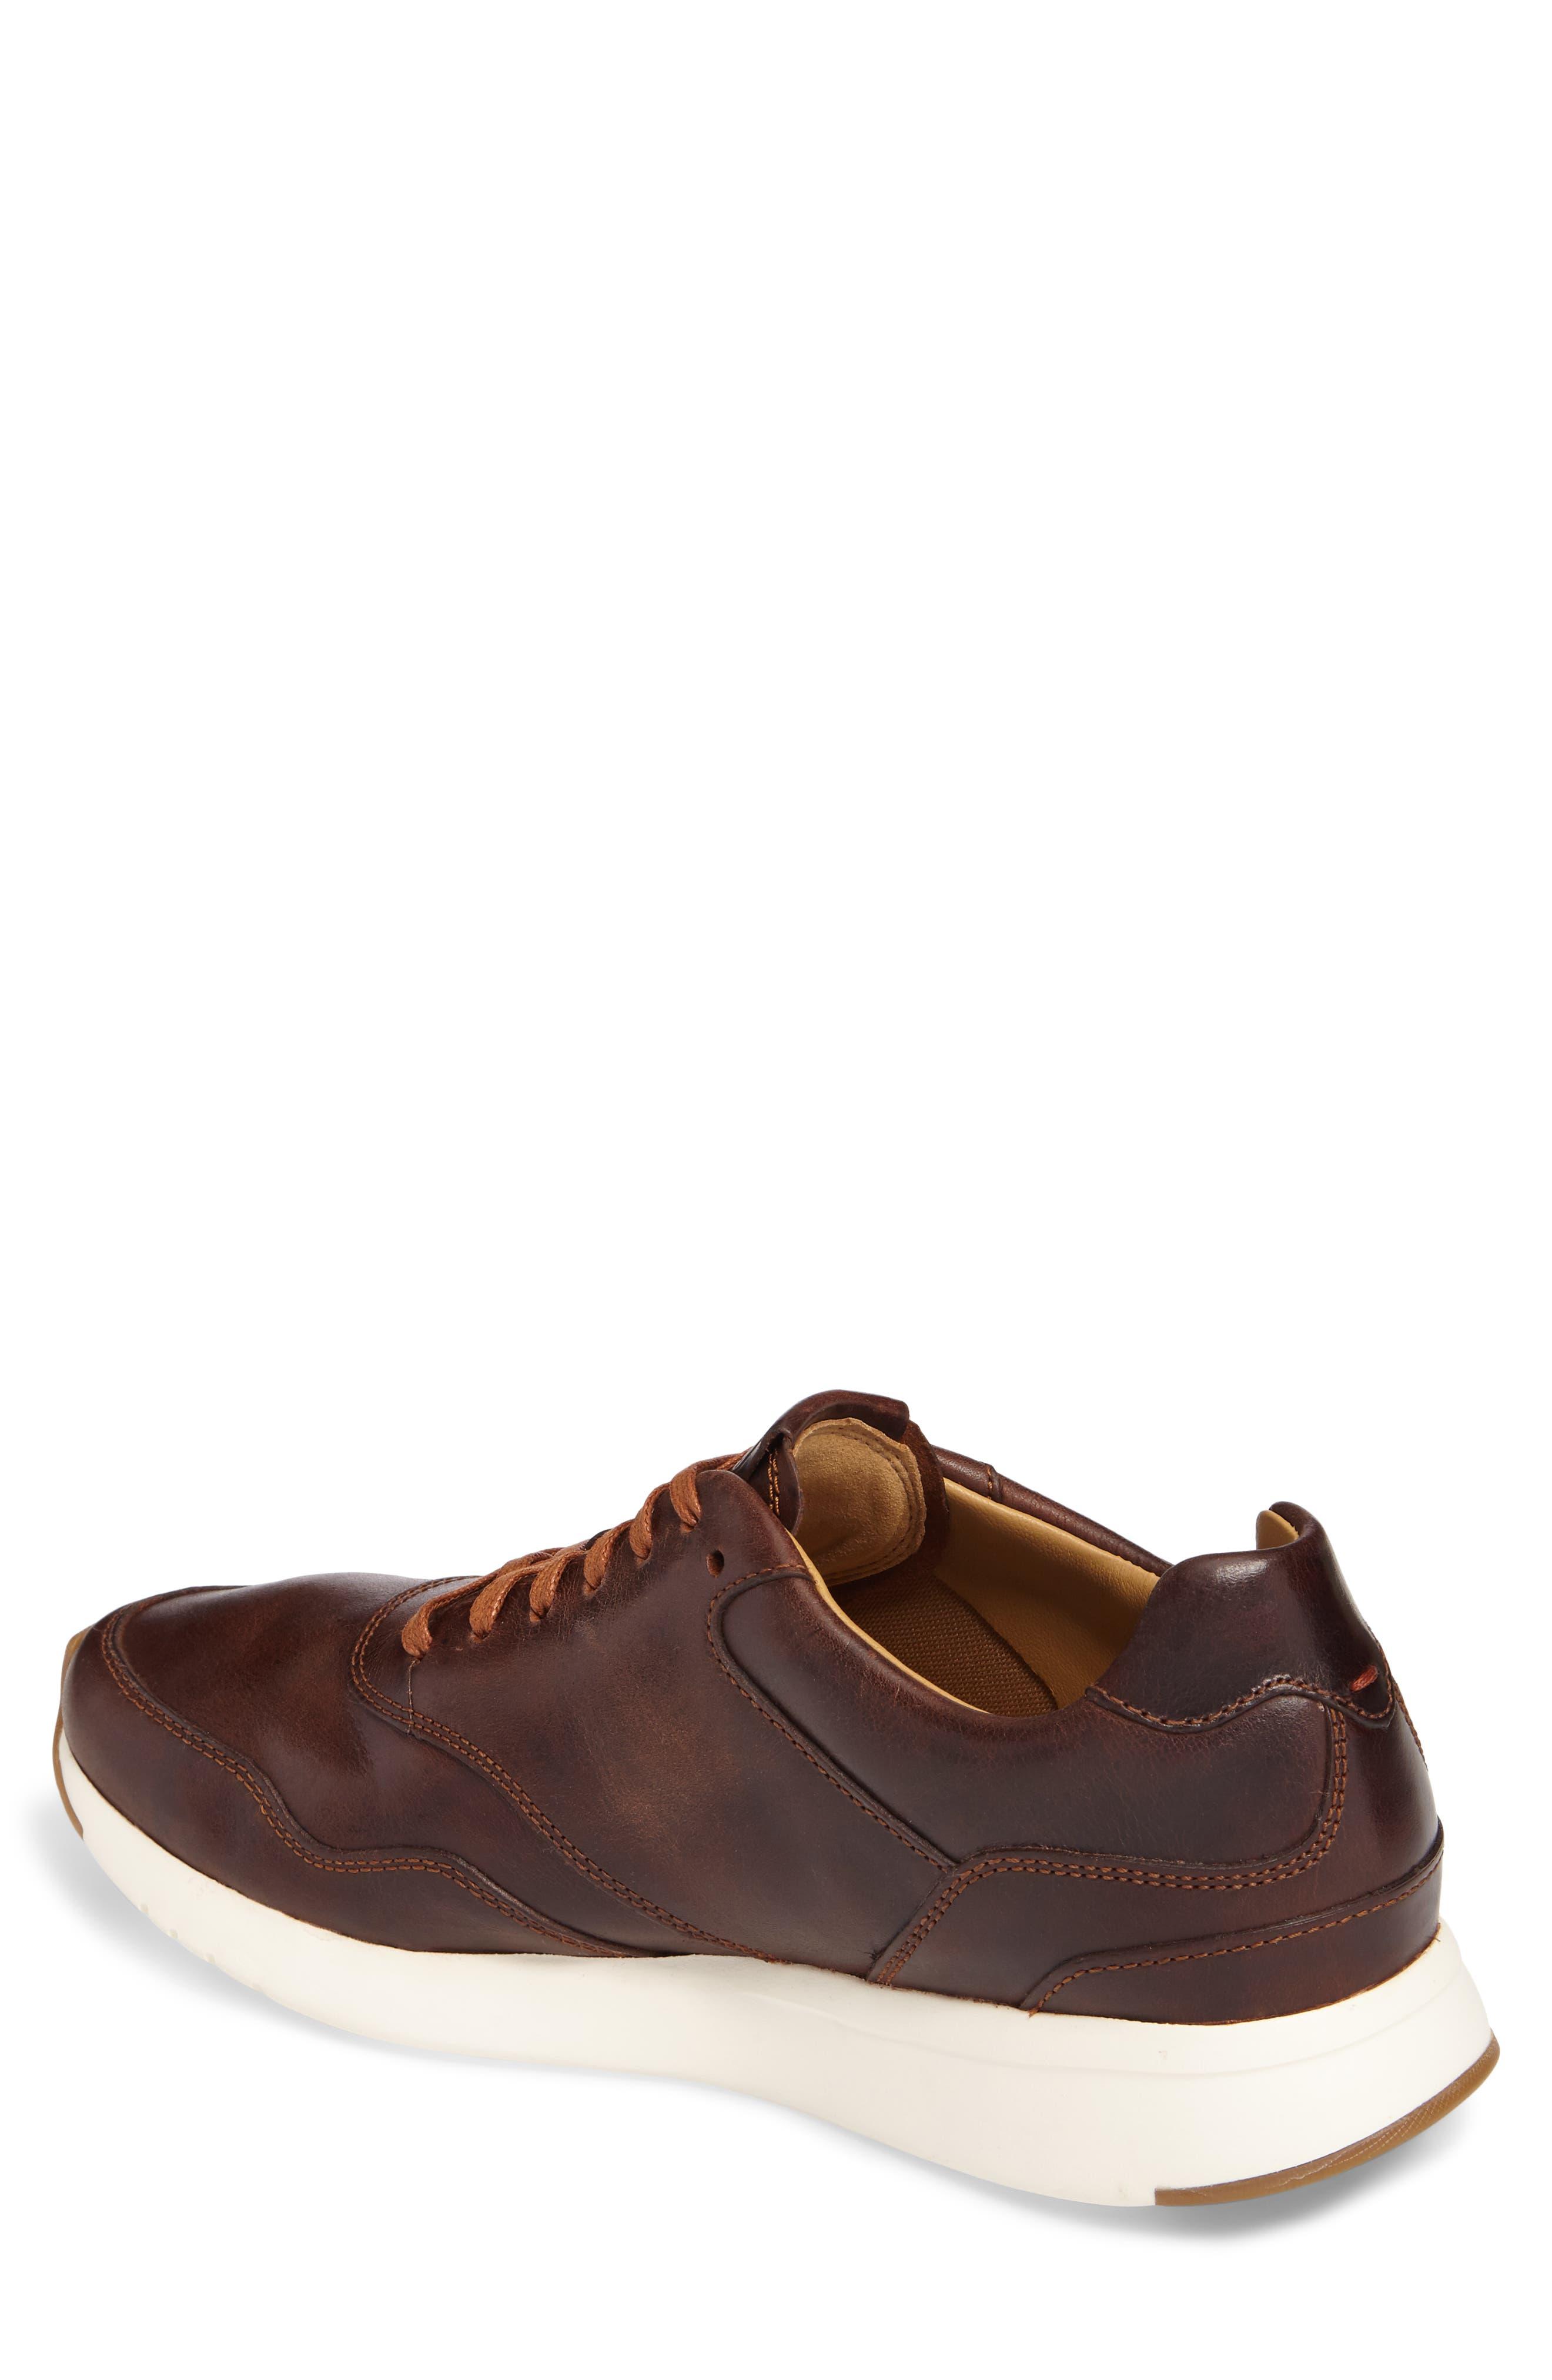 GrandPro Runner Sneaker,                             Alternate thumbnail 11, color,